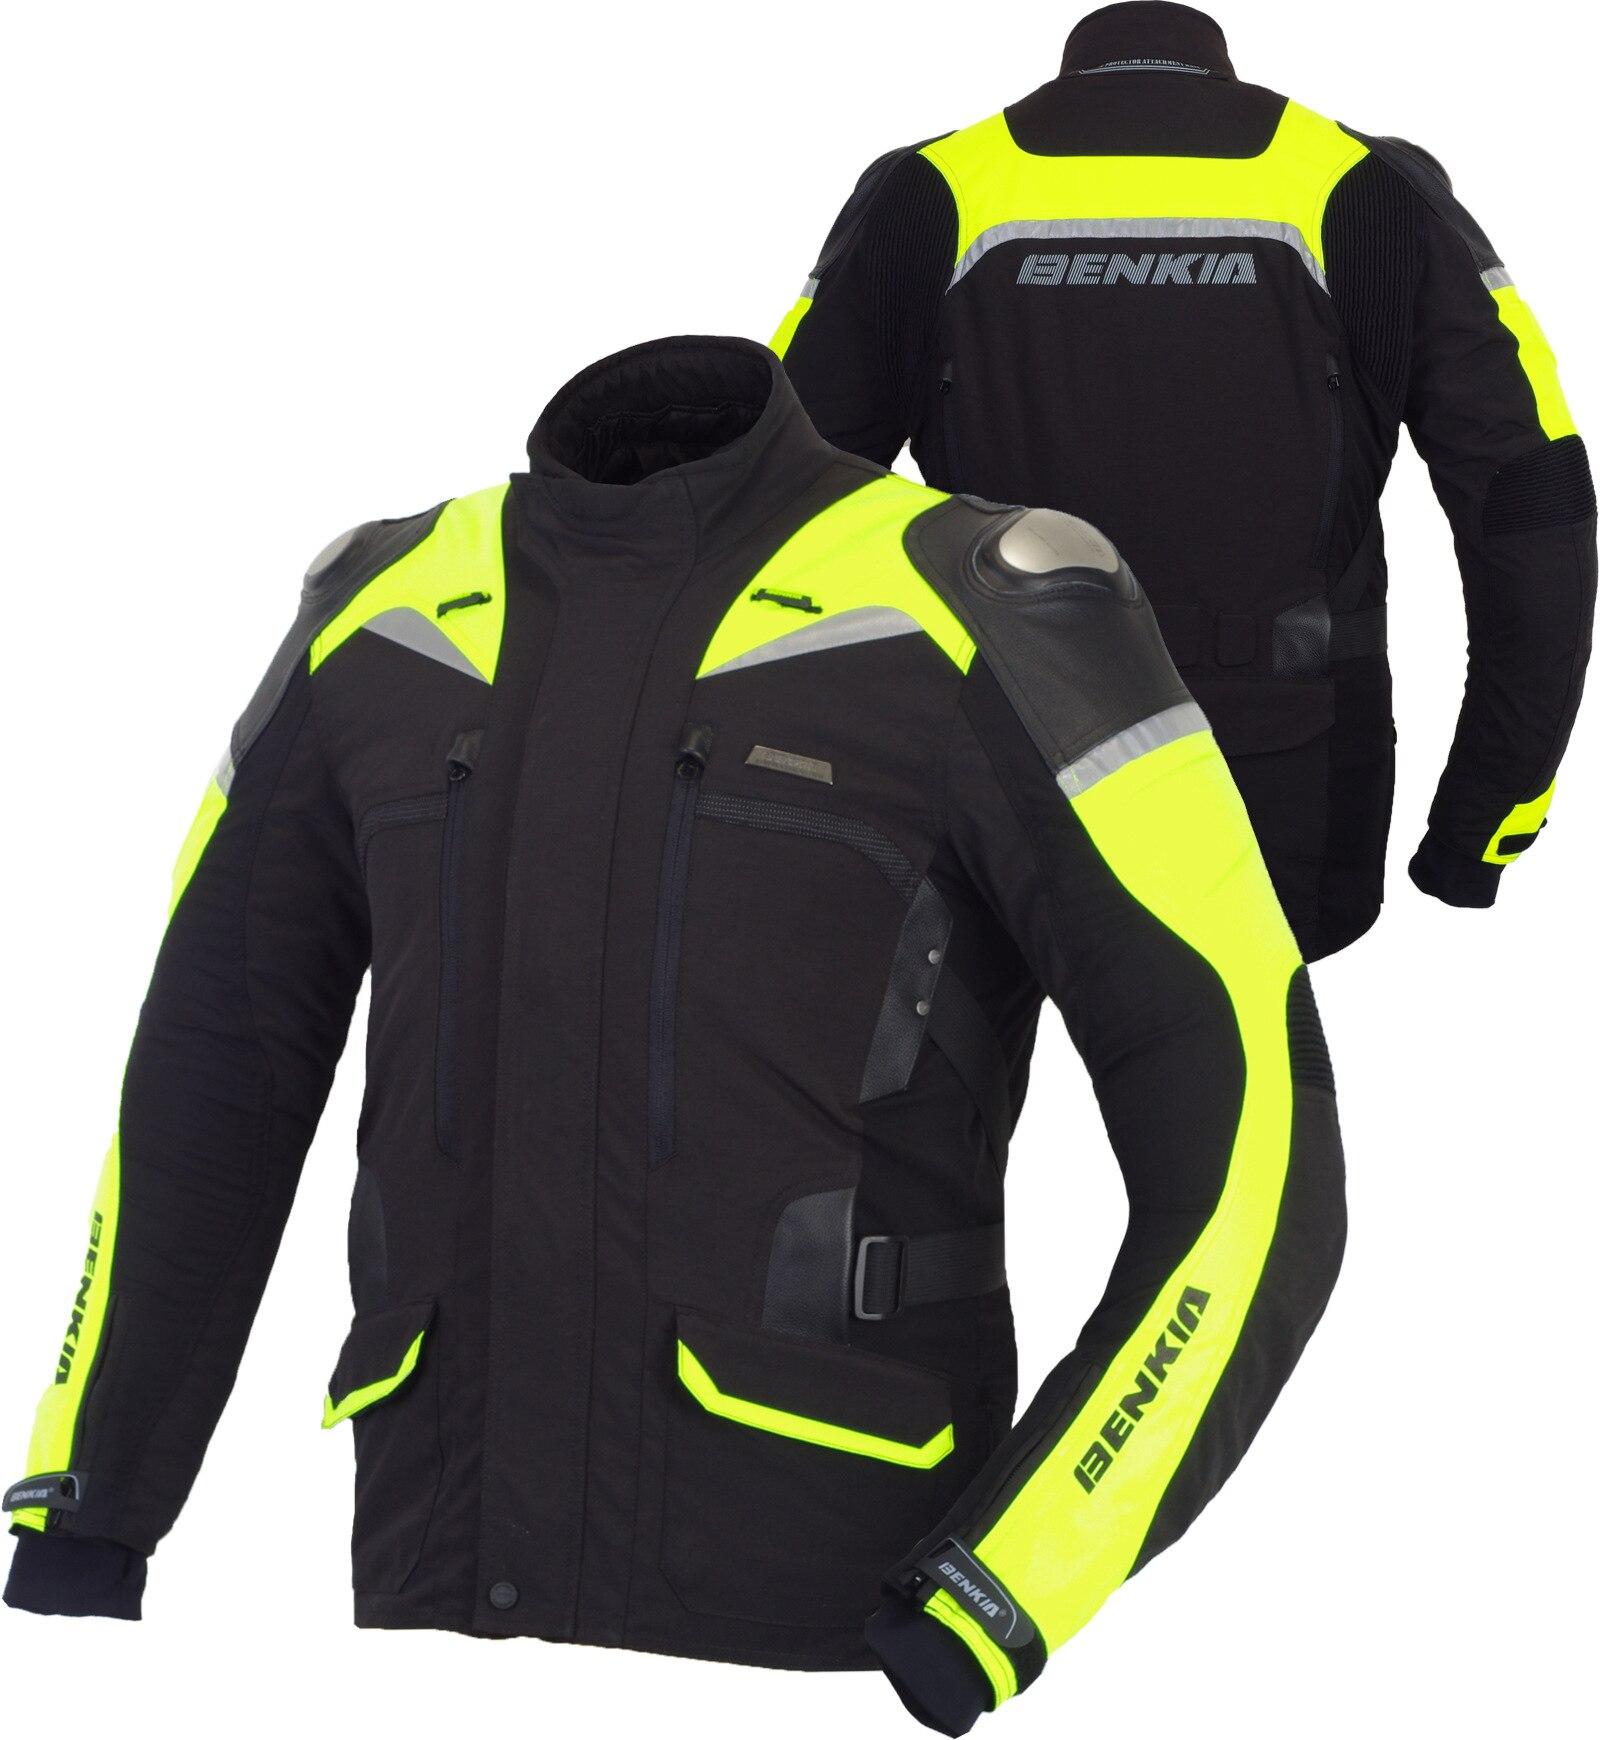 Мото куртки полная защита тела Черный Красный Броня черепаха мото куртки Для мужчин мотоцикл Шестерни Мотокросс Костюмы GP велосипед ткань